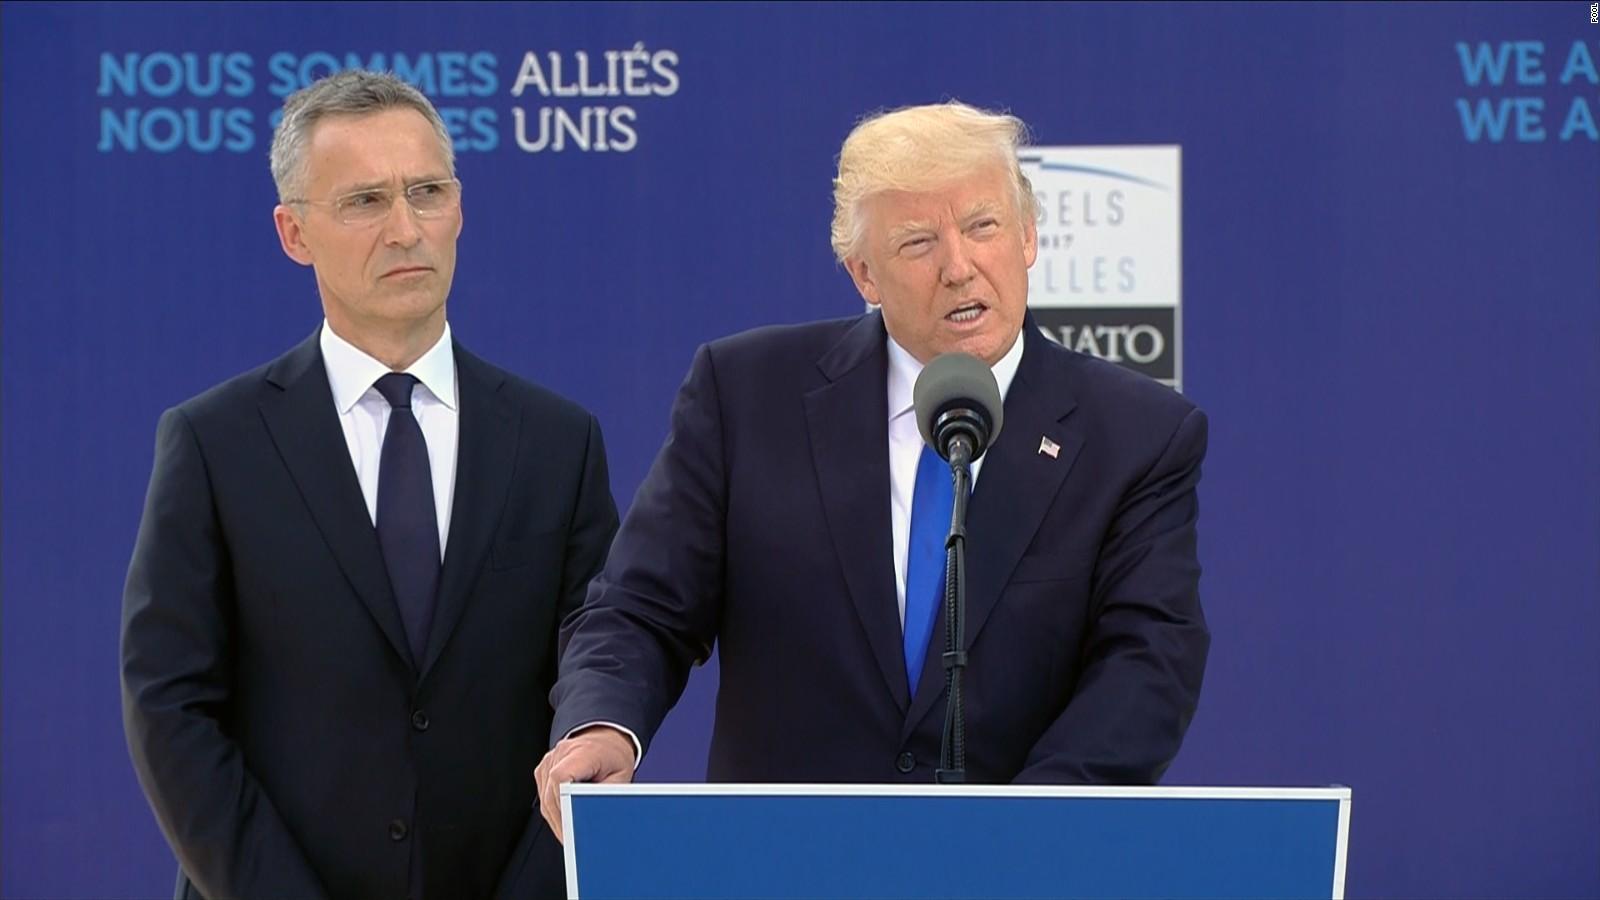 Трамп: Кo не плаћа чланарину НАТО-у, неће га ни бити